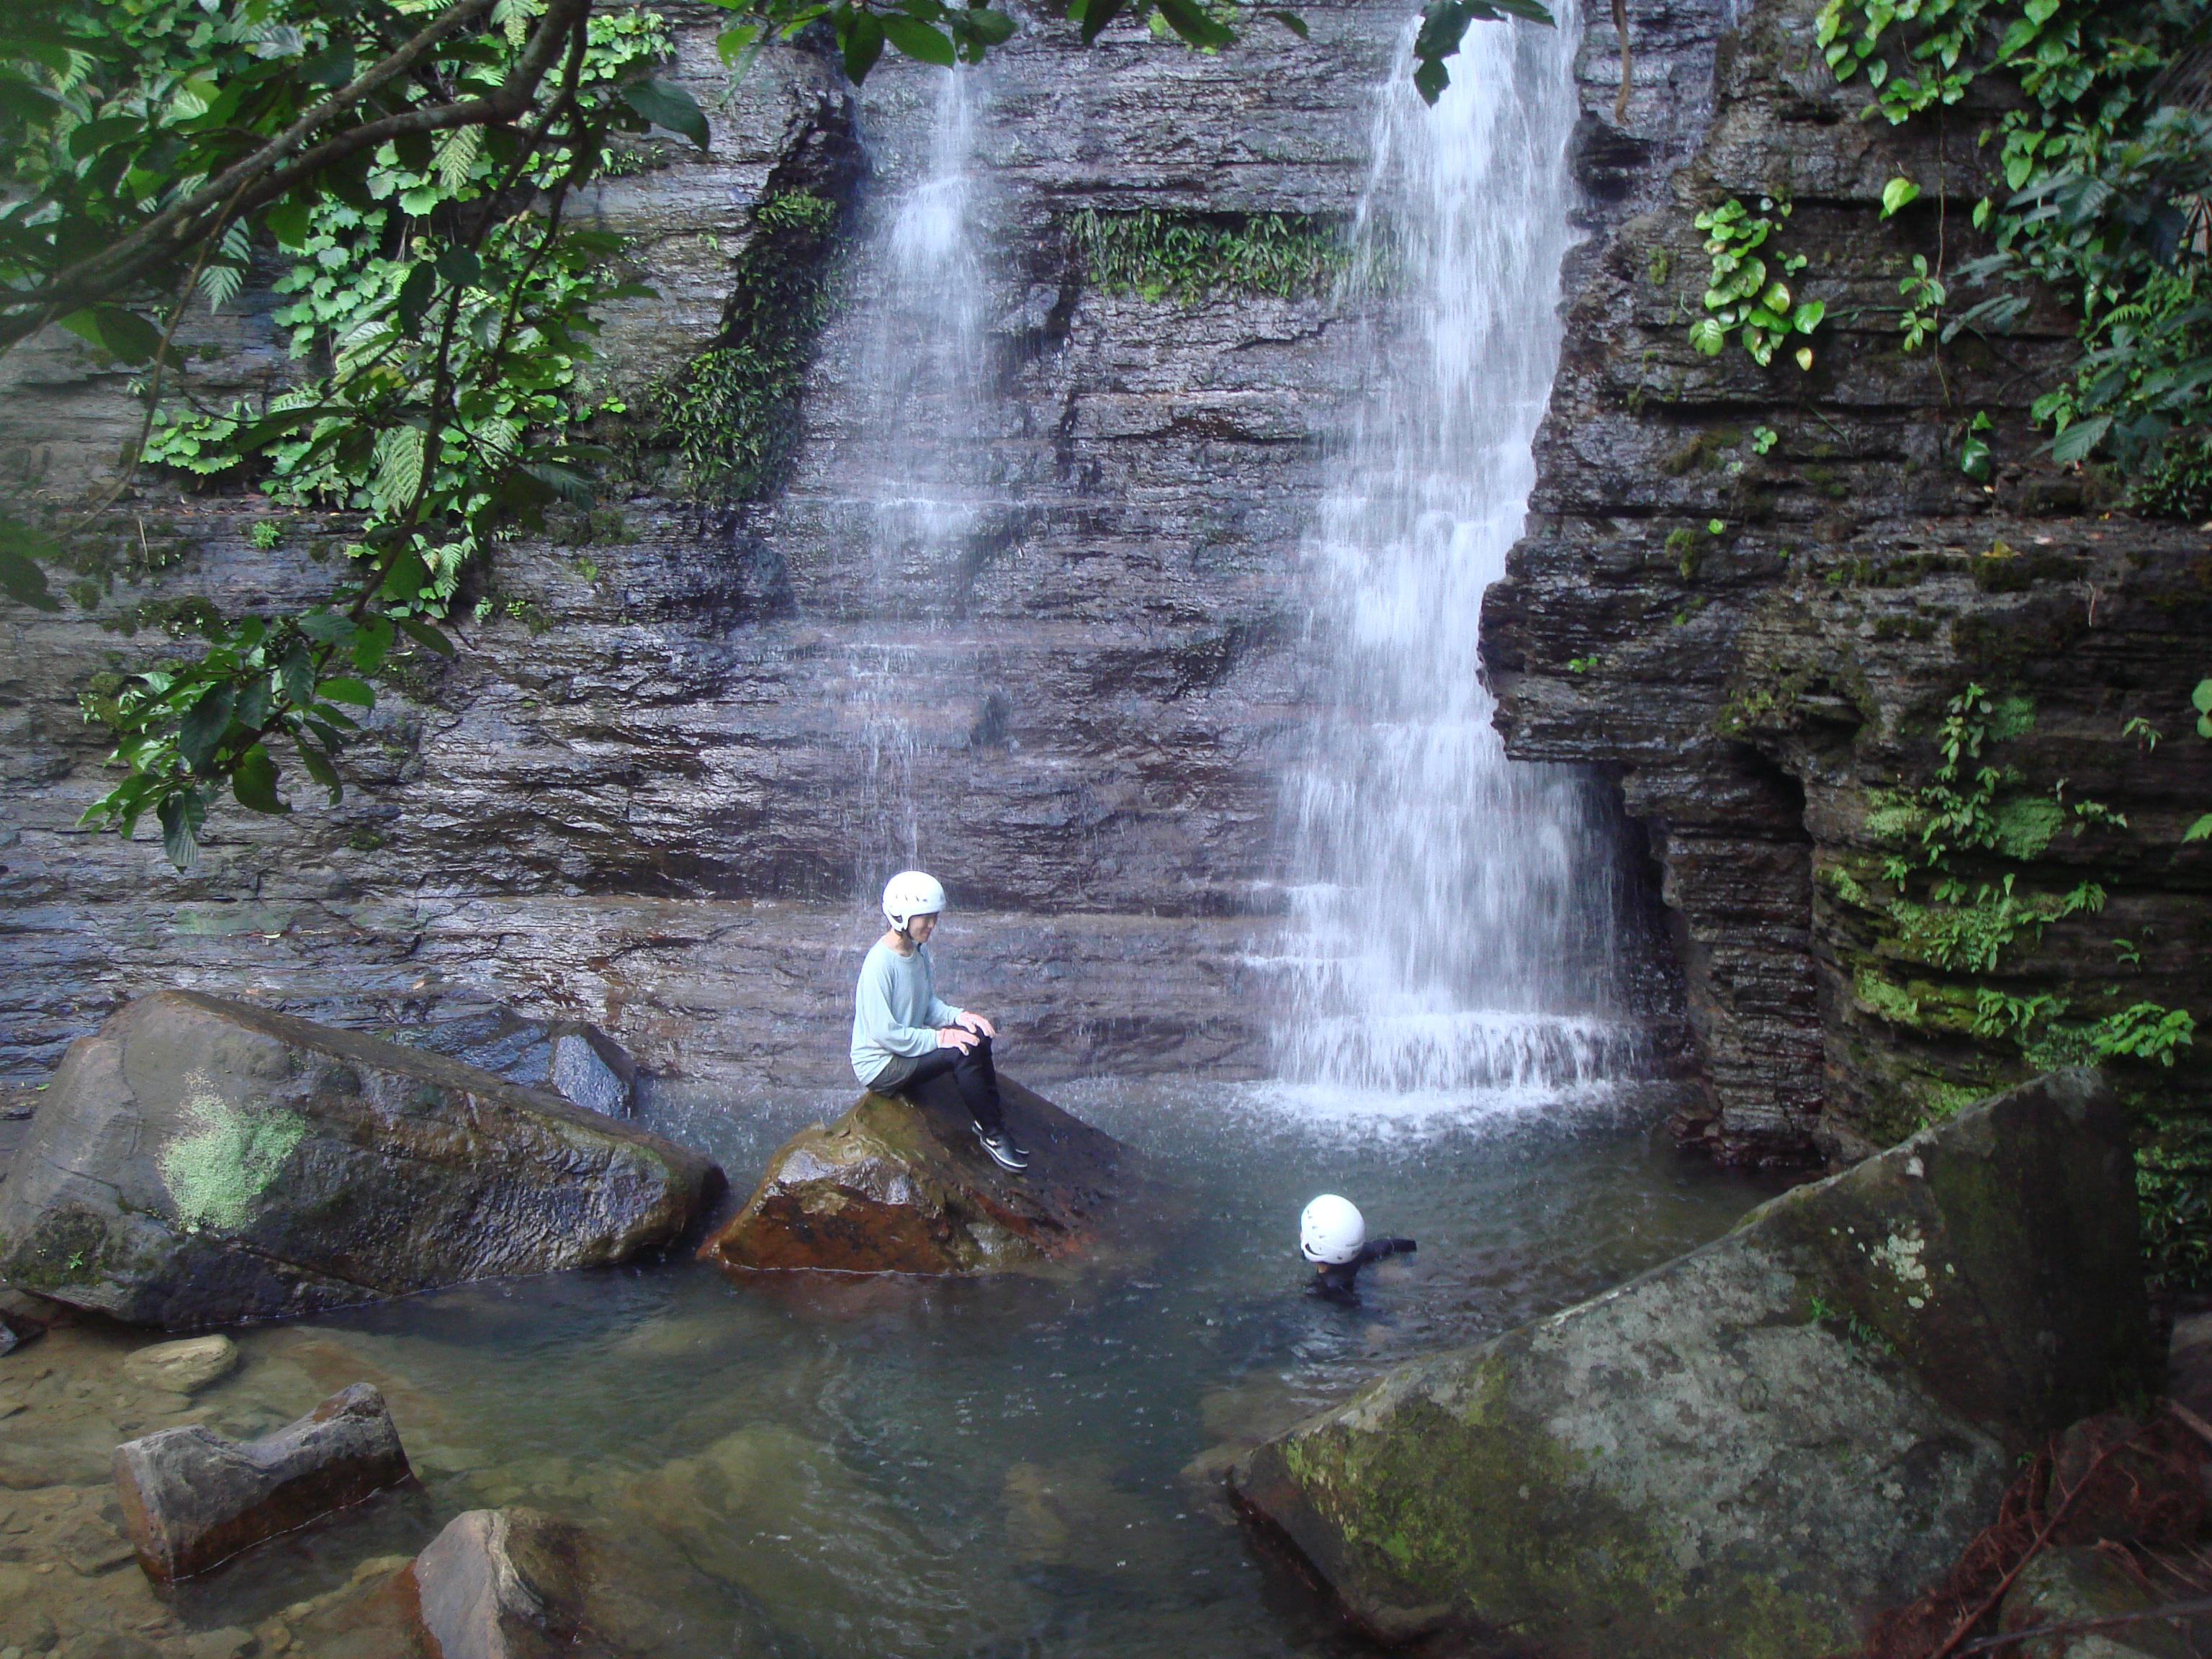 ゲータの滝で川遊び